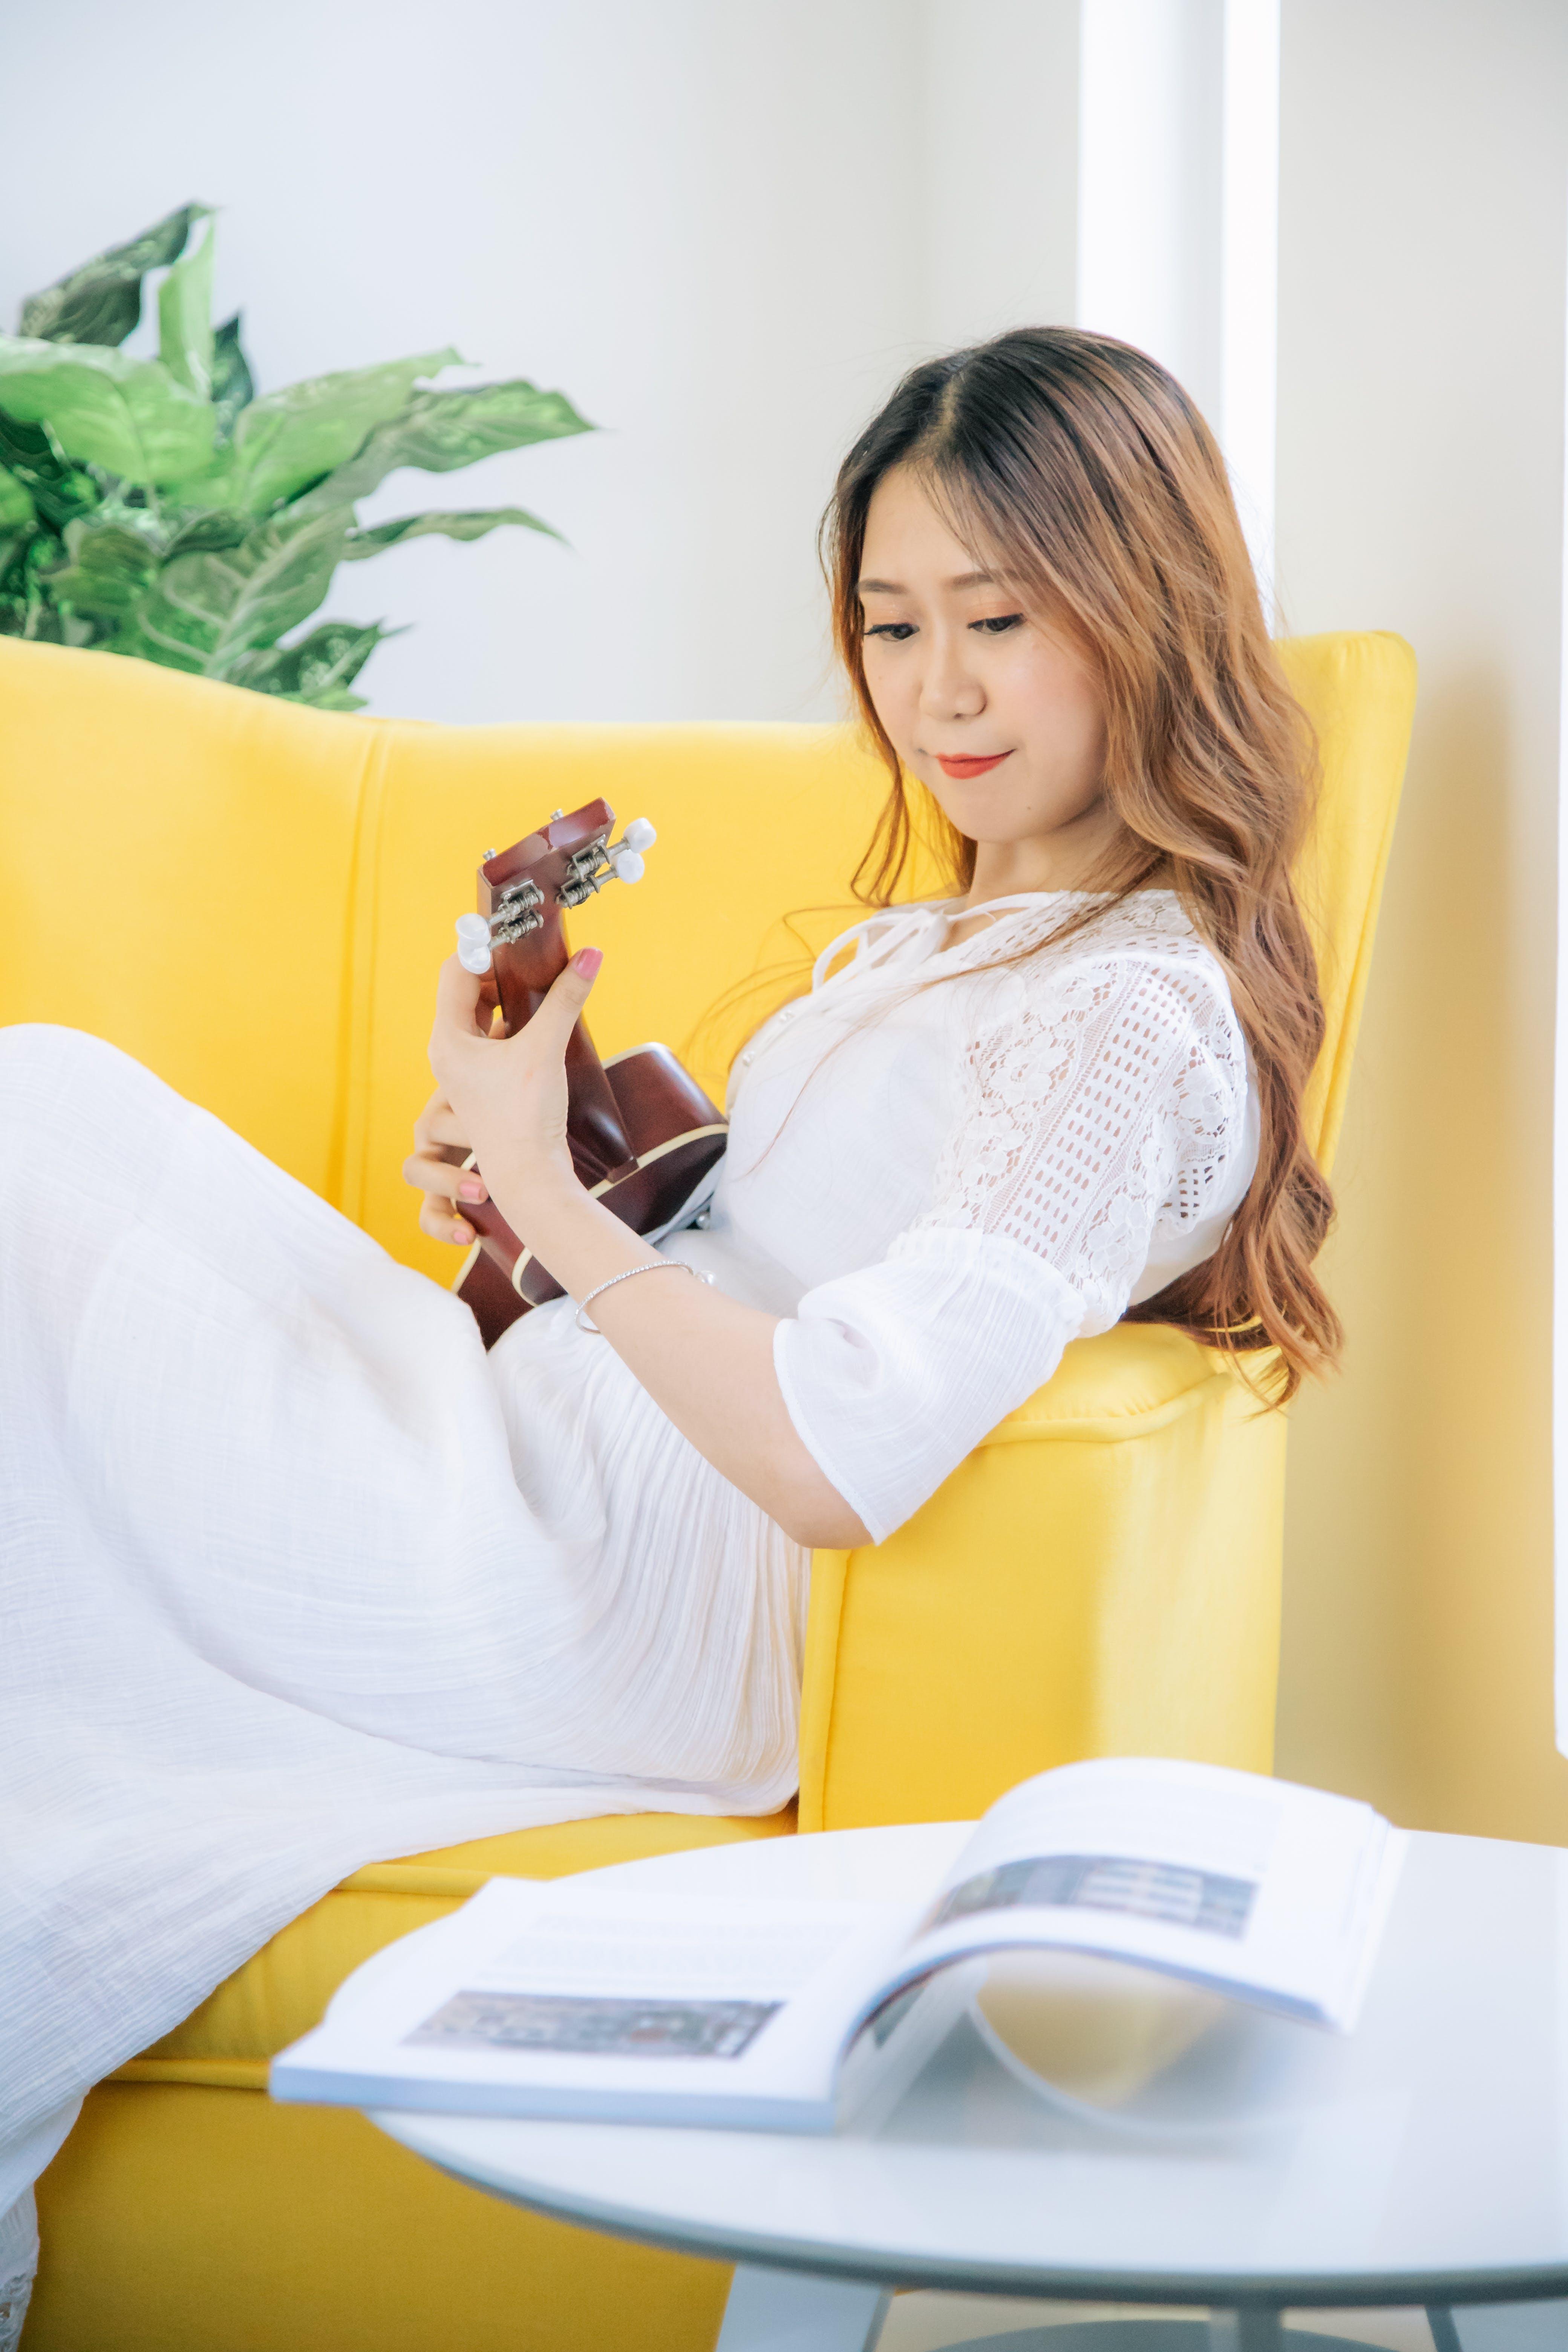 亞洲女人, 休閒, 四弦琴, 女人 的 免費圖庫相片